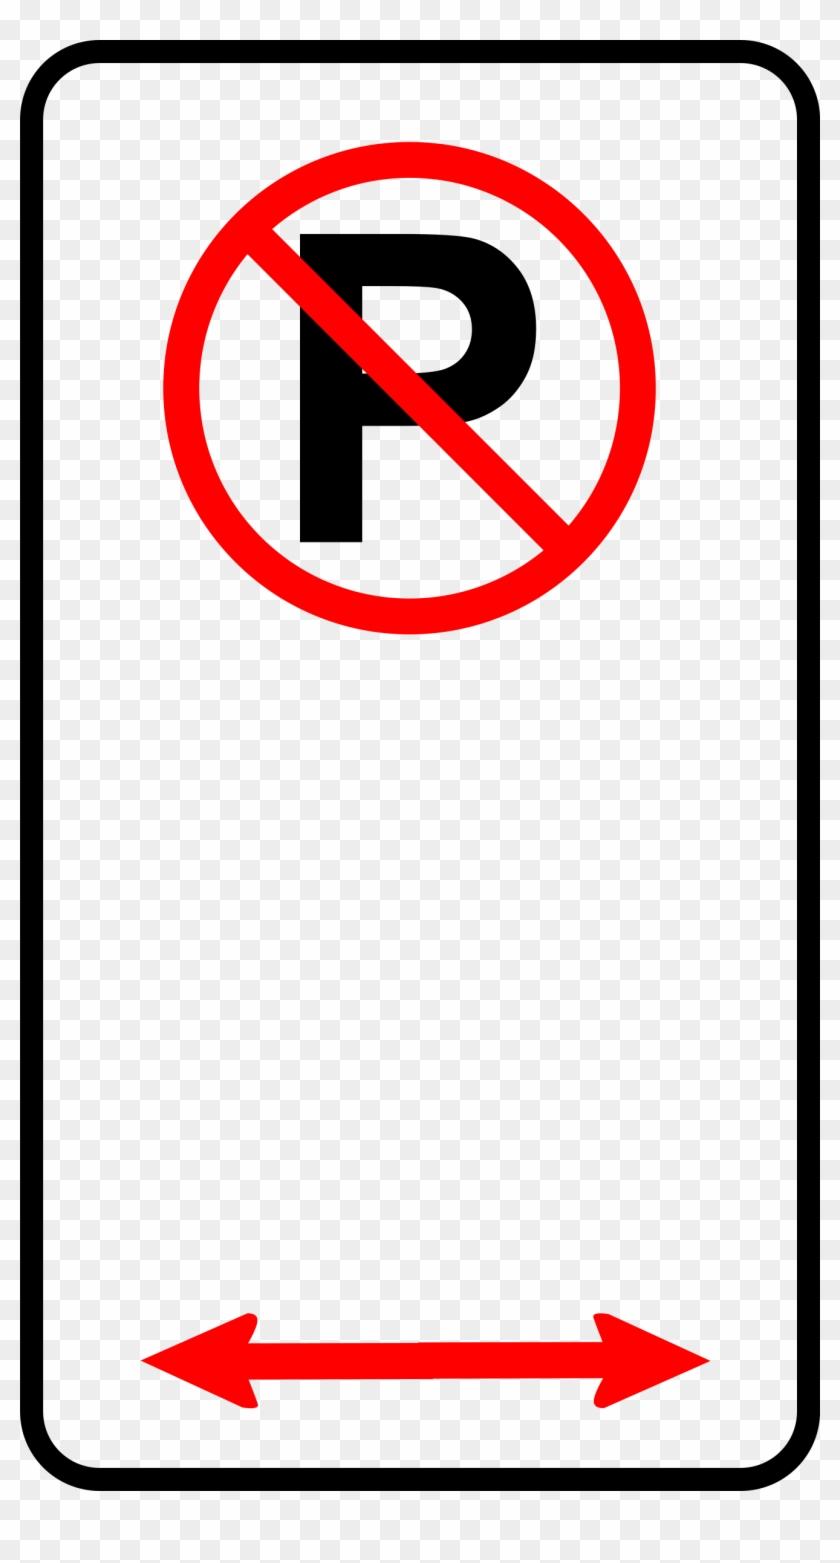 Big Image - No Parking Free Vector #131286